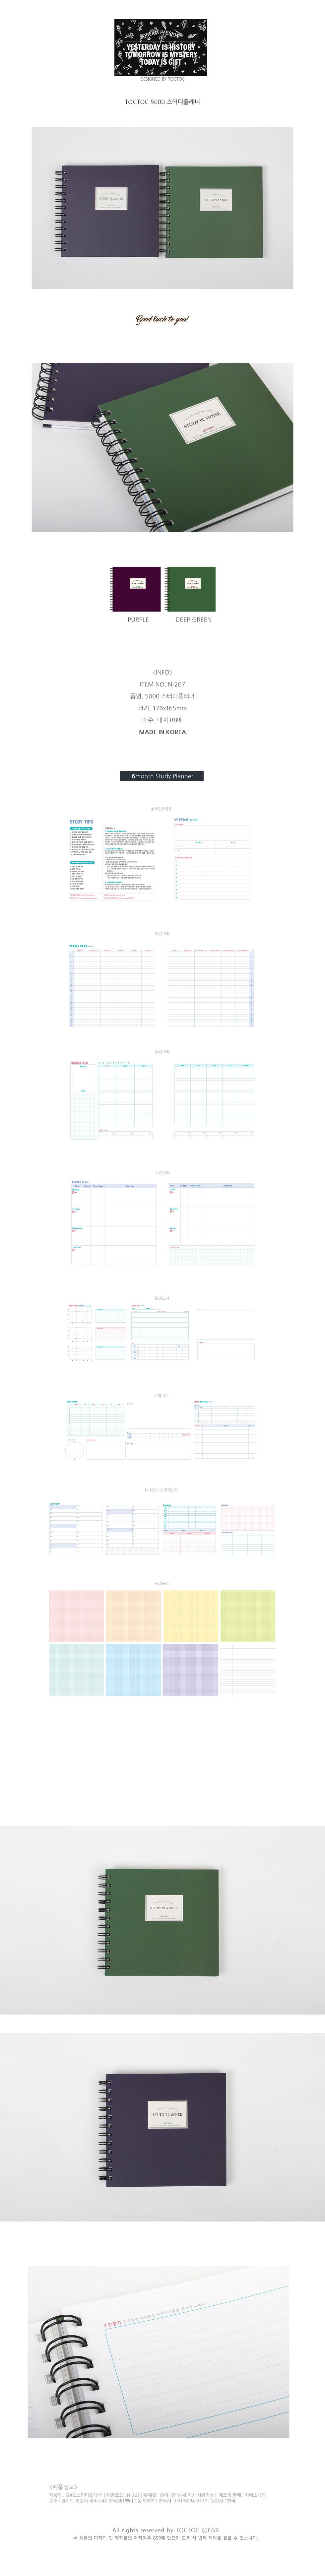 5000 스터디플래너(6개월/클래식) - 톡톡팬시, 5,000원, 플래너, 스터디플래너